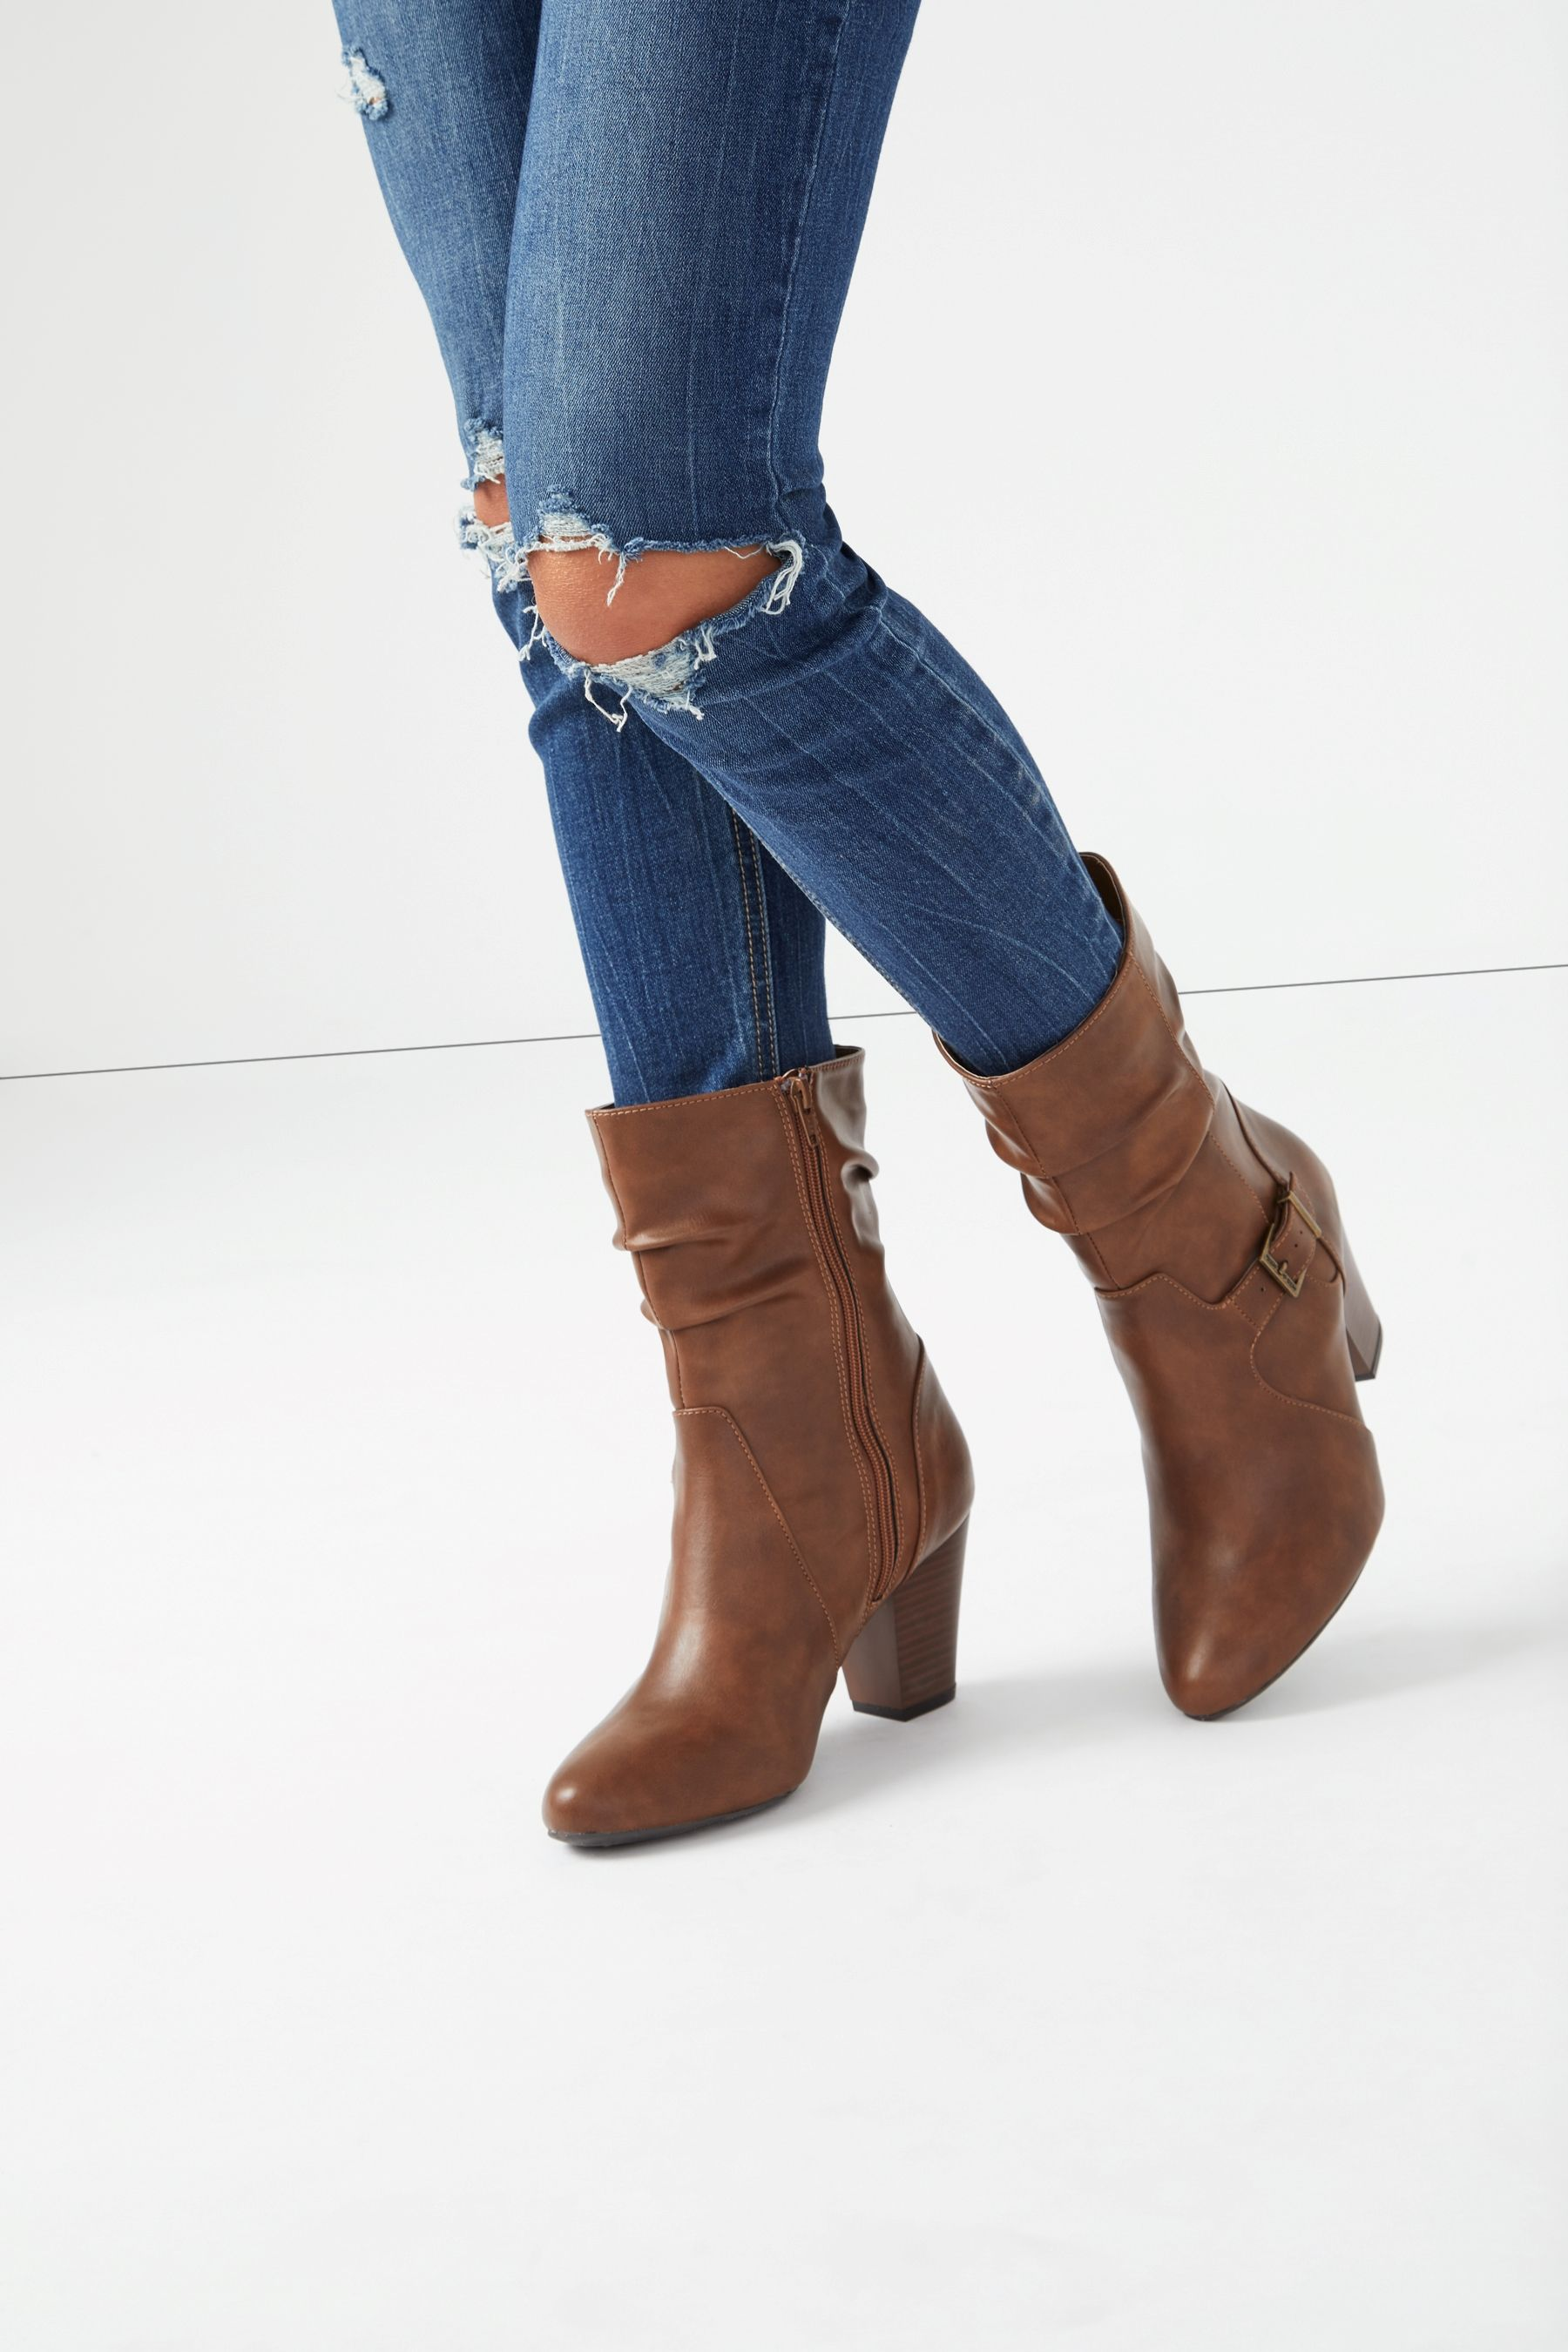 Womens Head Over Heels Block Heel Mid Calf Boots Brown Mid Calf Boots Womens Mid Calf Boots Boots